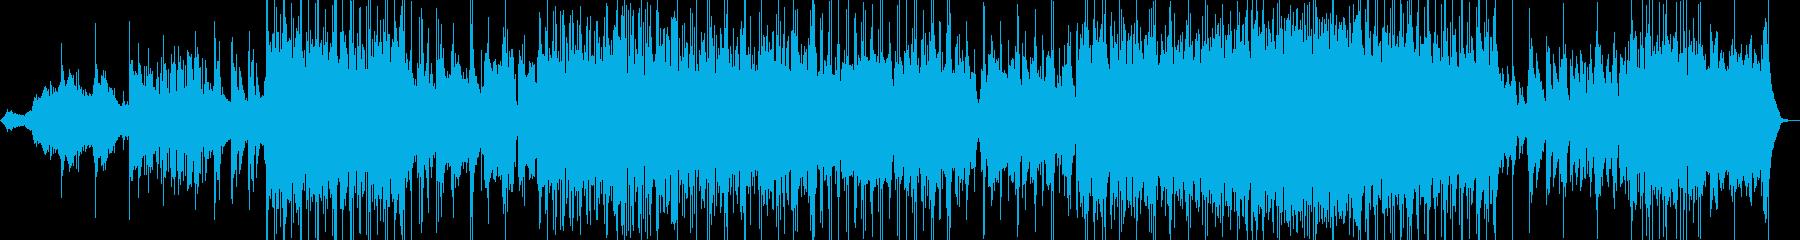 奇妙なイントロ、神秘的な1分。そし...の再生済みの波形